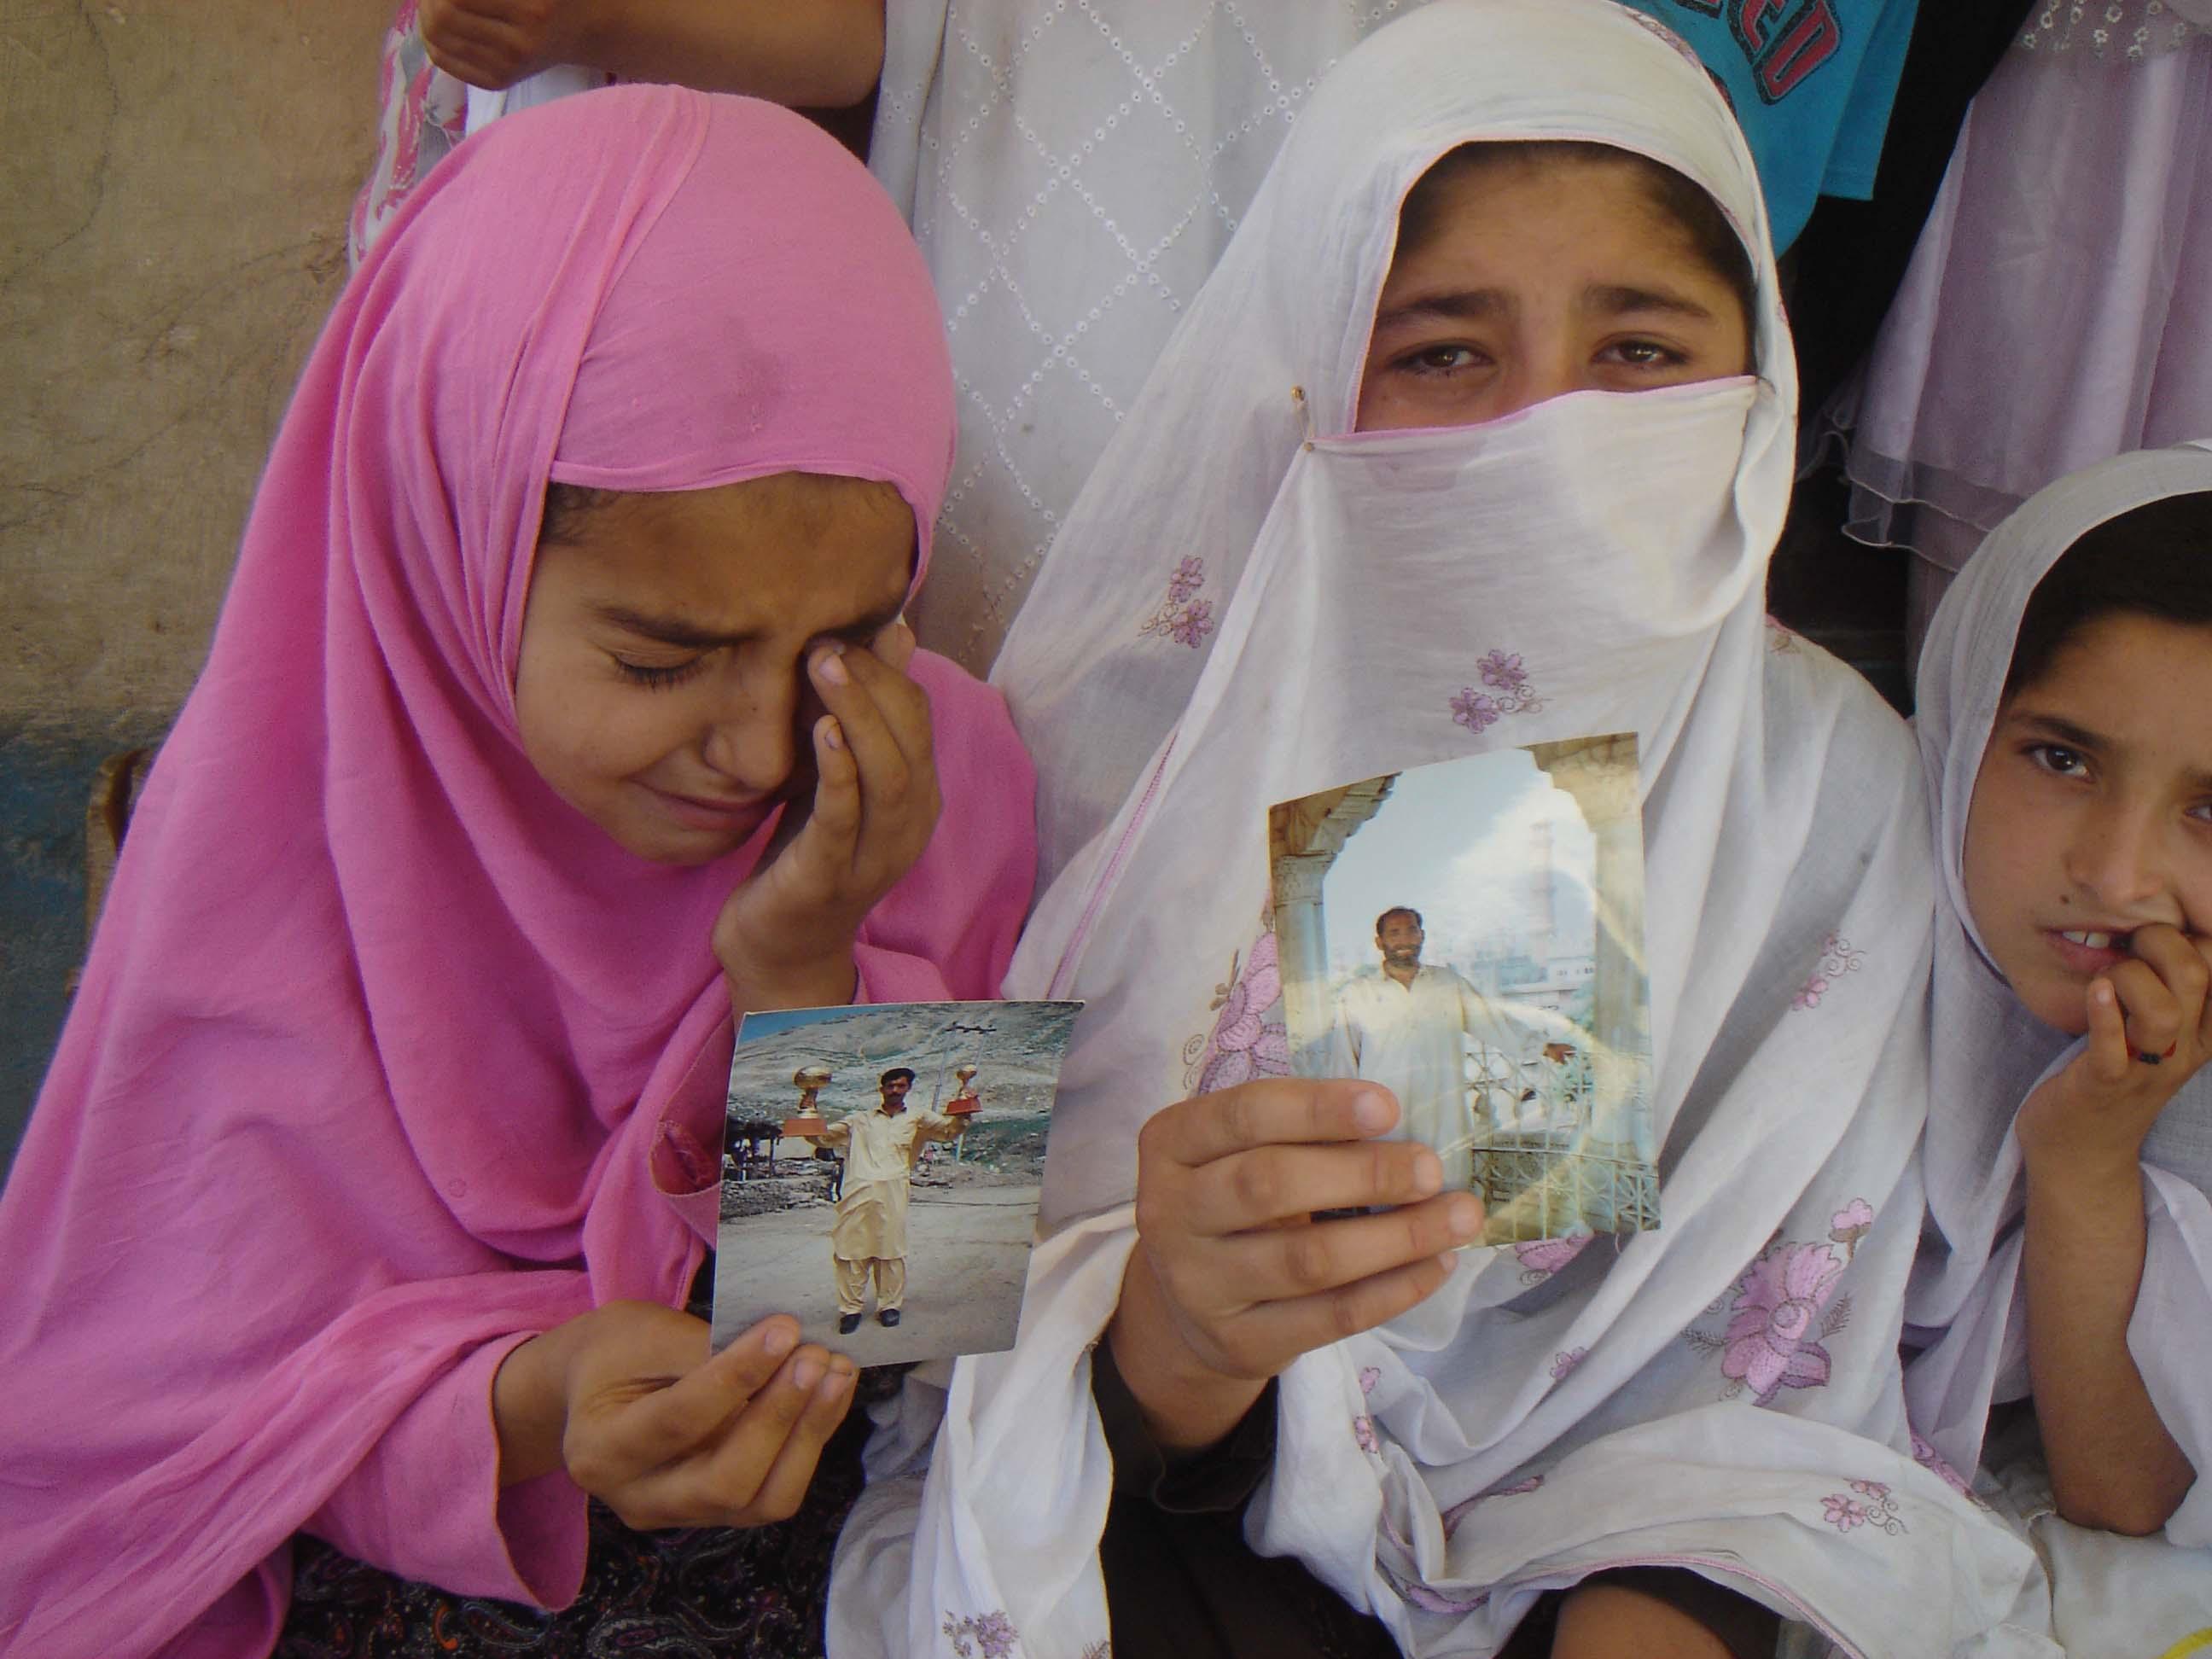 چترال کے علاقے دروش میں زمین کی خاطر اجرتی قاتلوں نے تین افراد قتل کردئیے